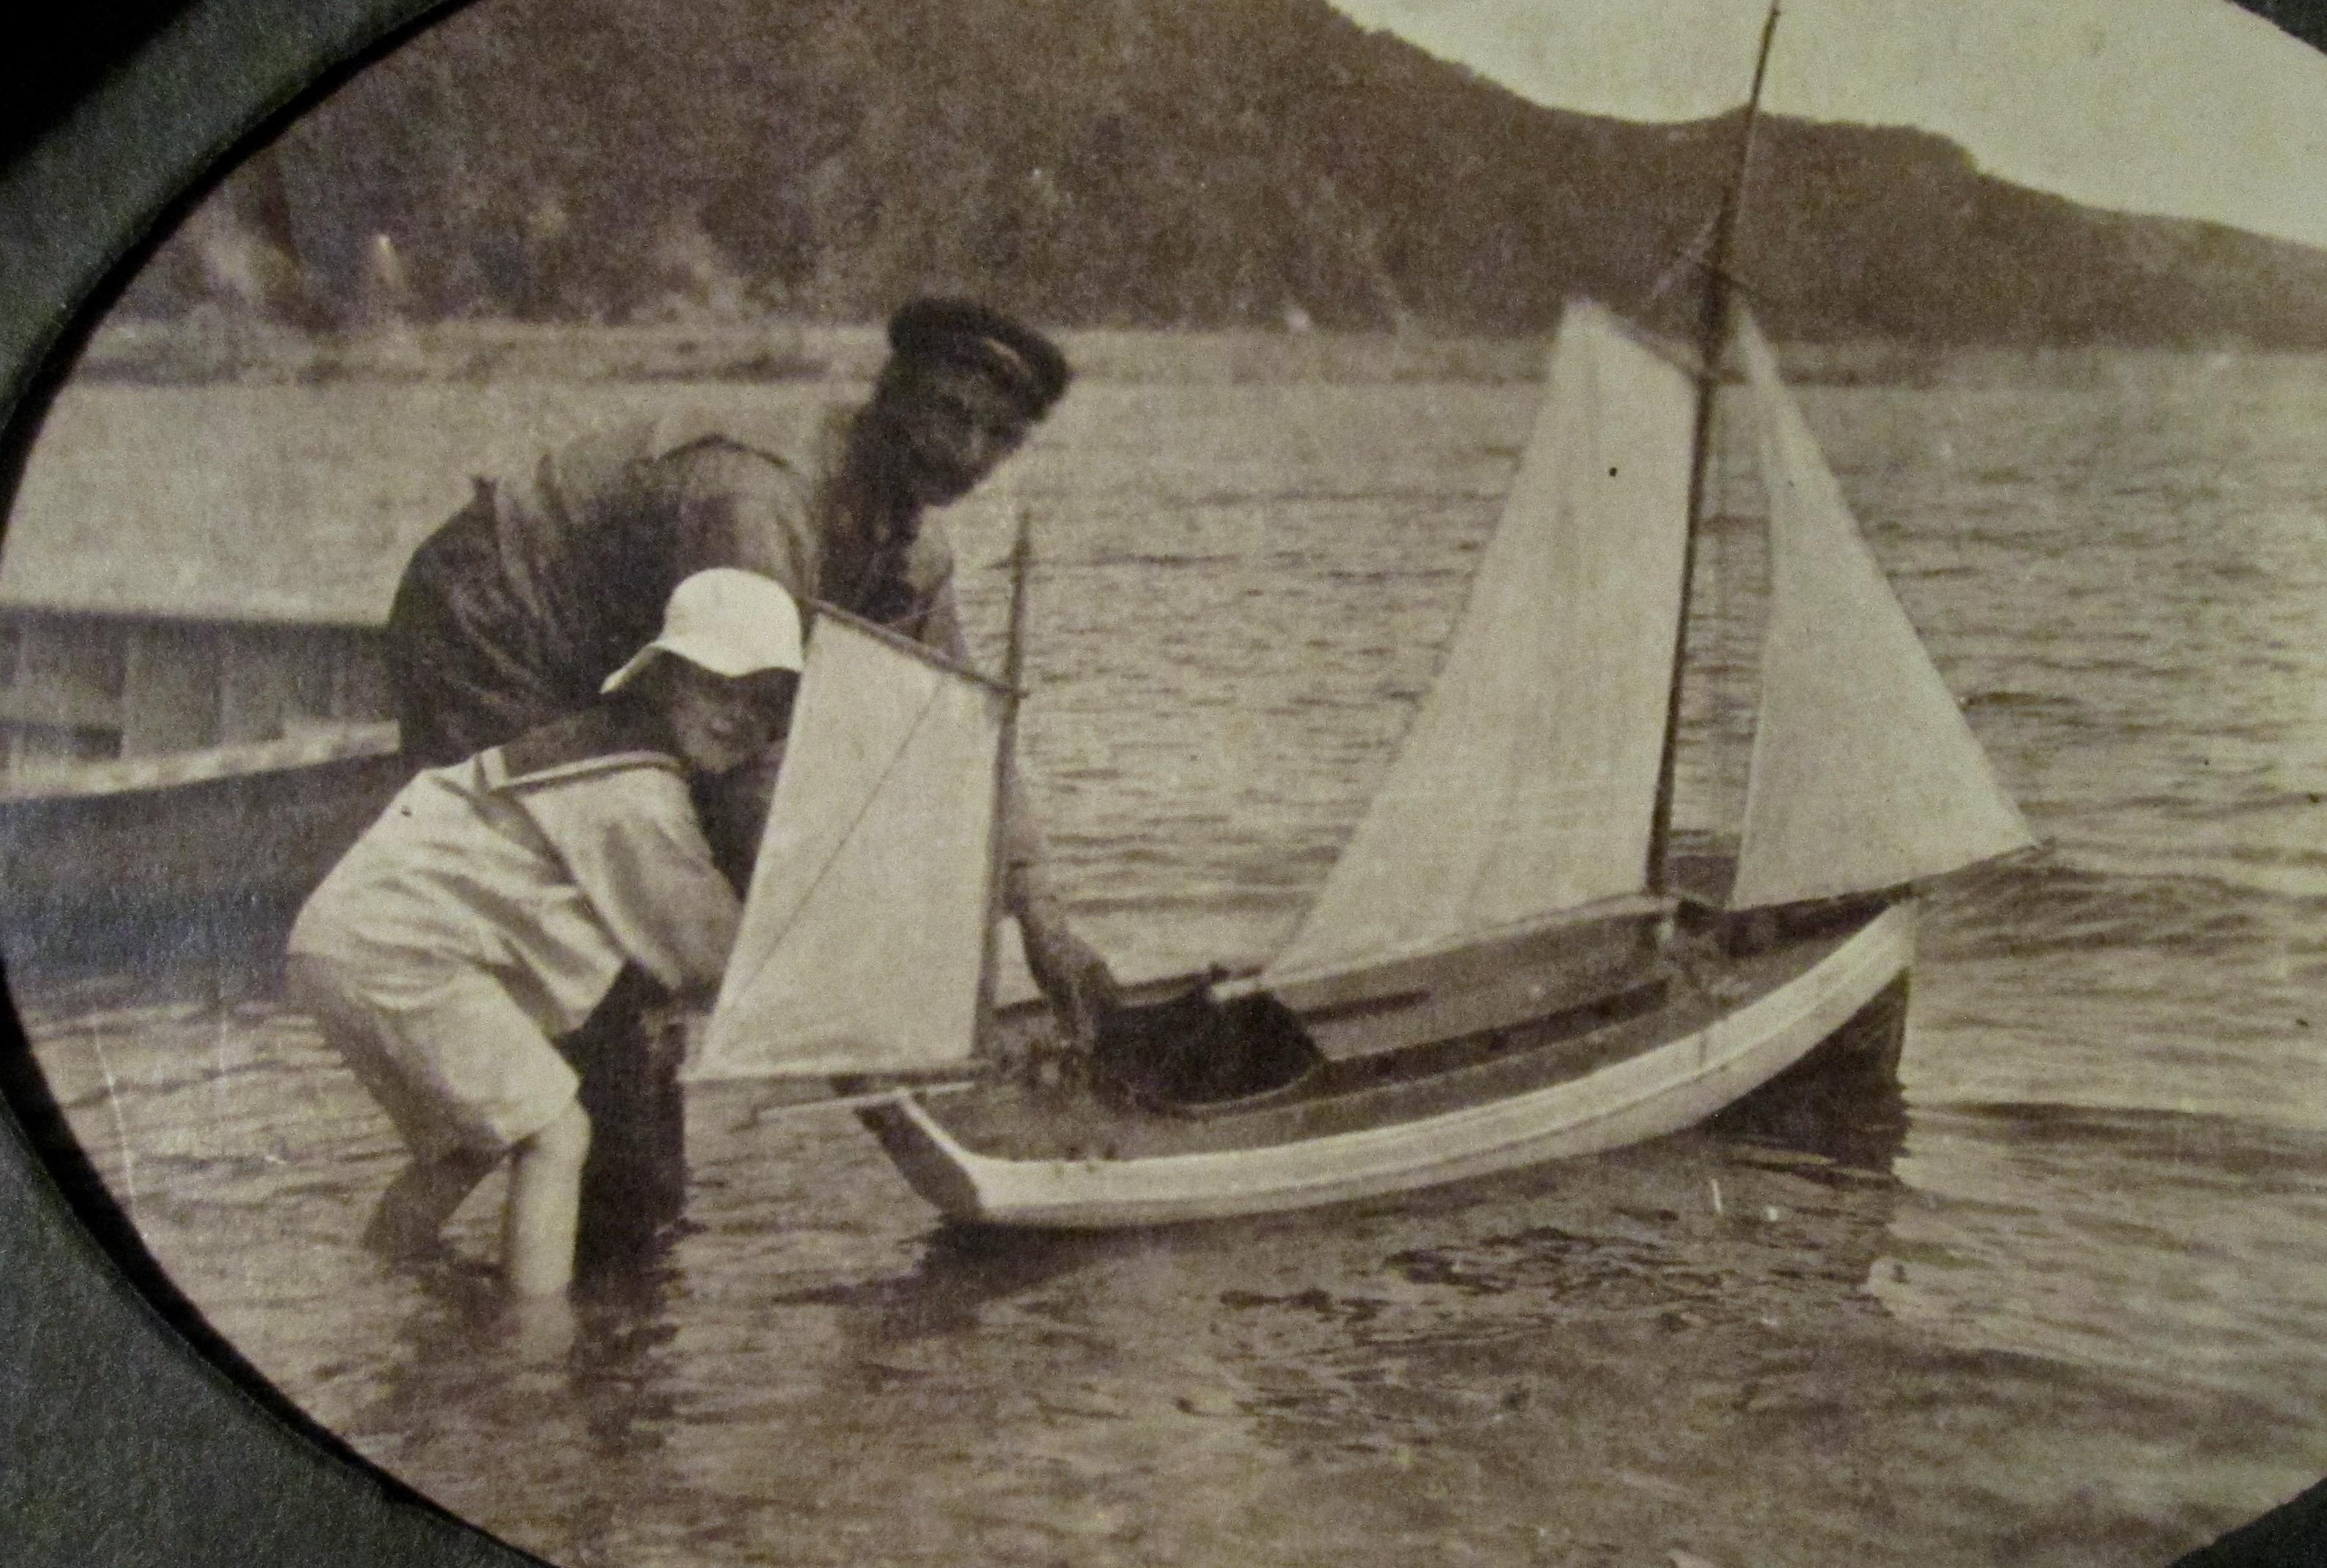 Un adulte aide un enfant habillé en matelot à mettre à l'eau son bateau jouet.